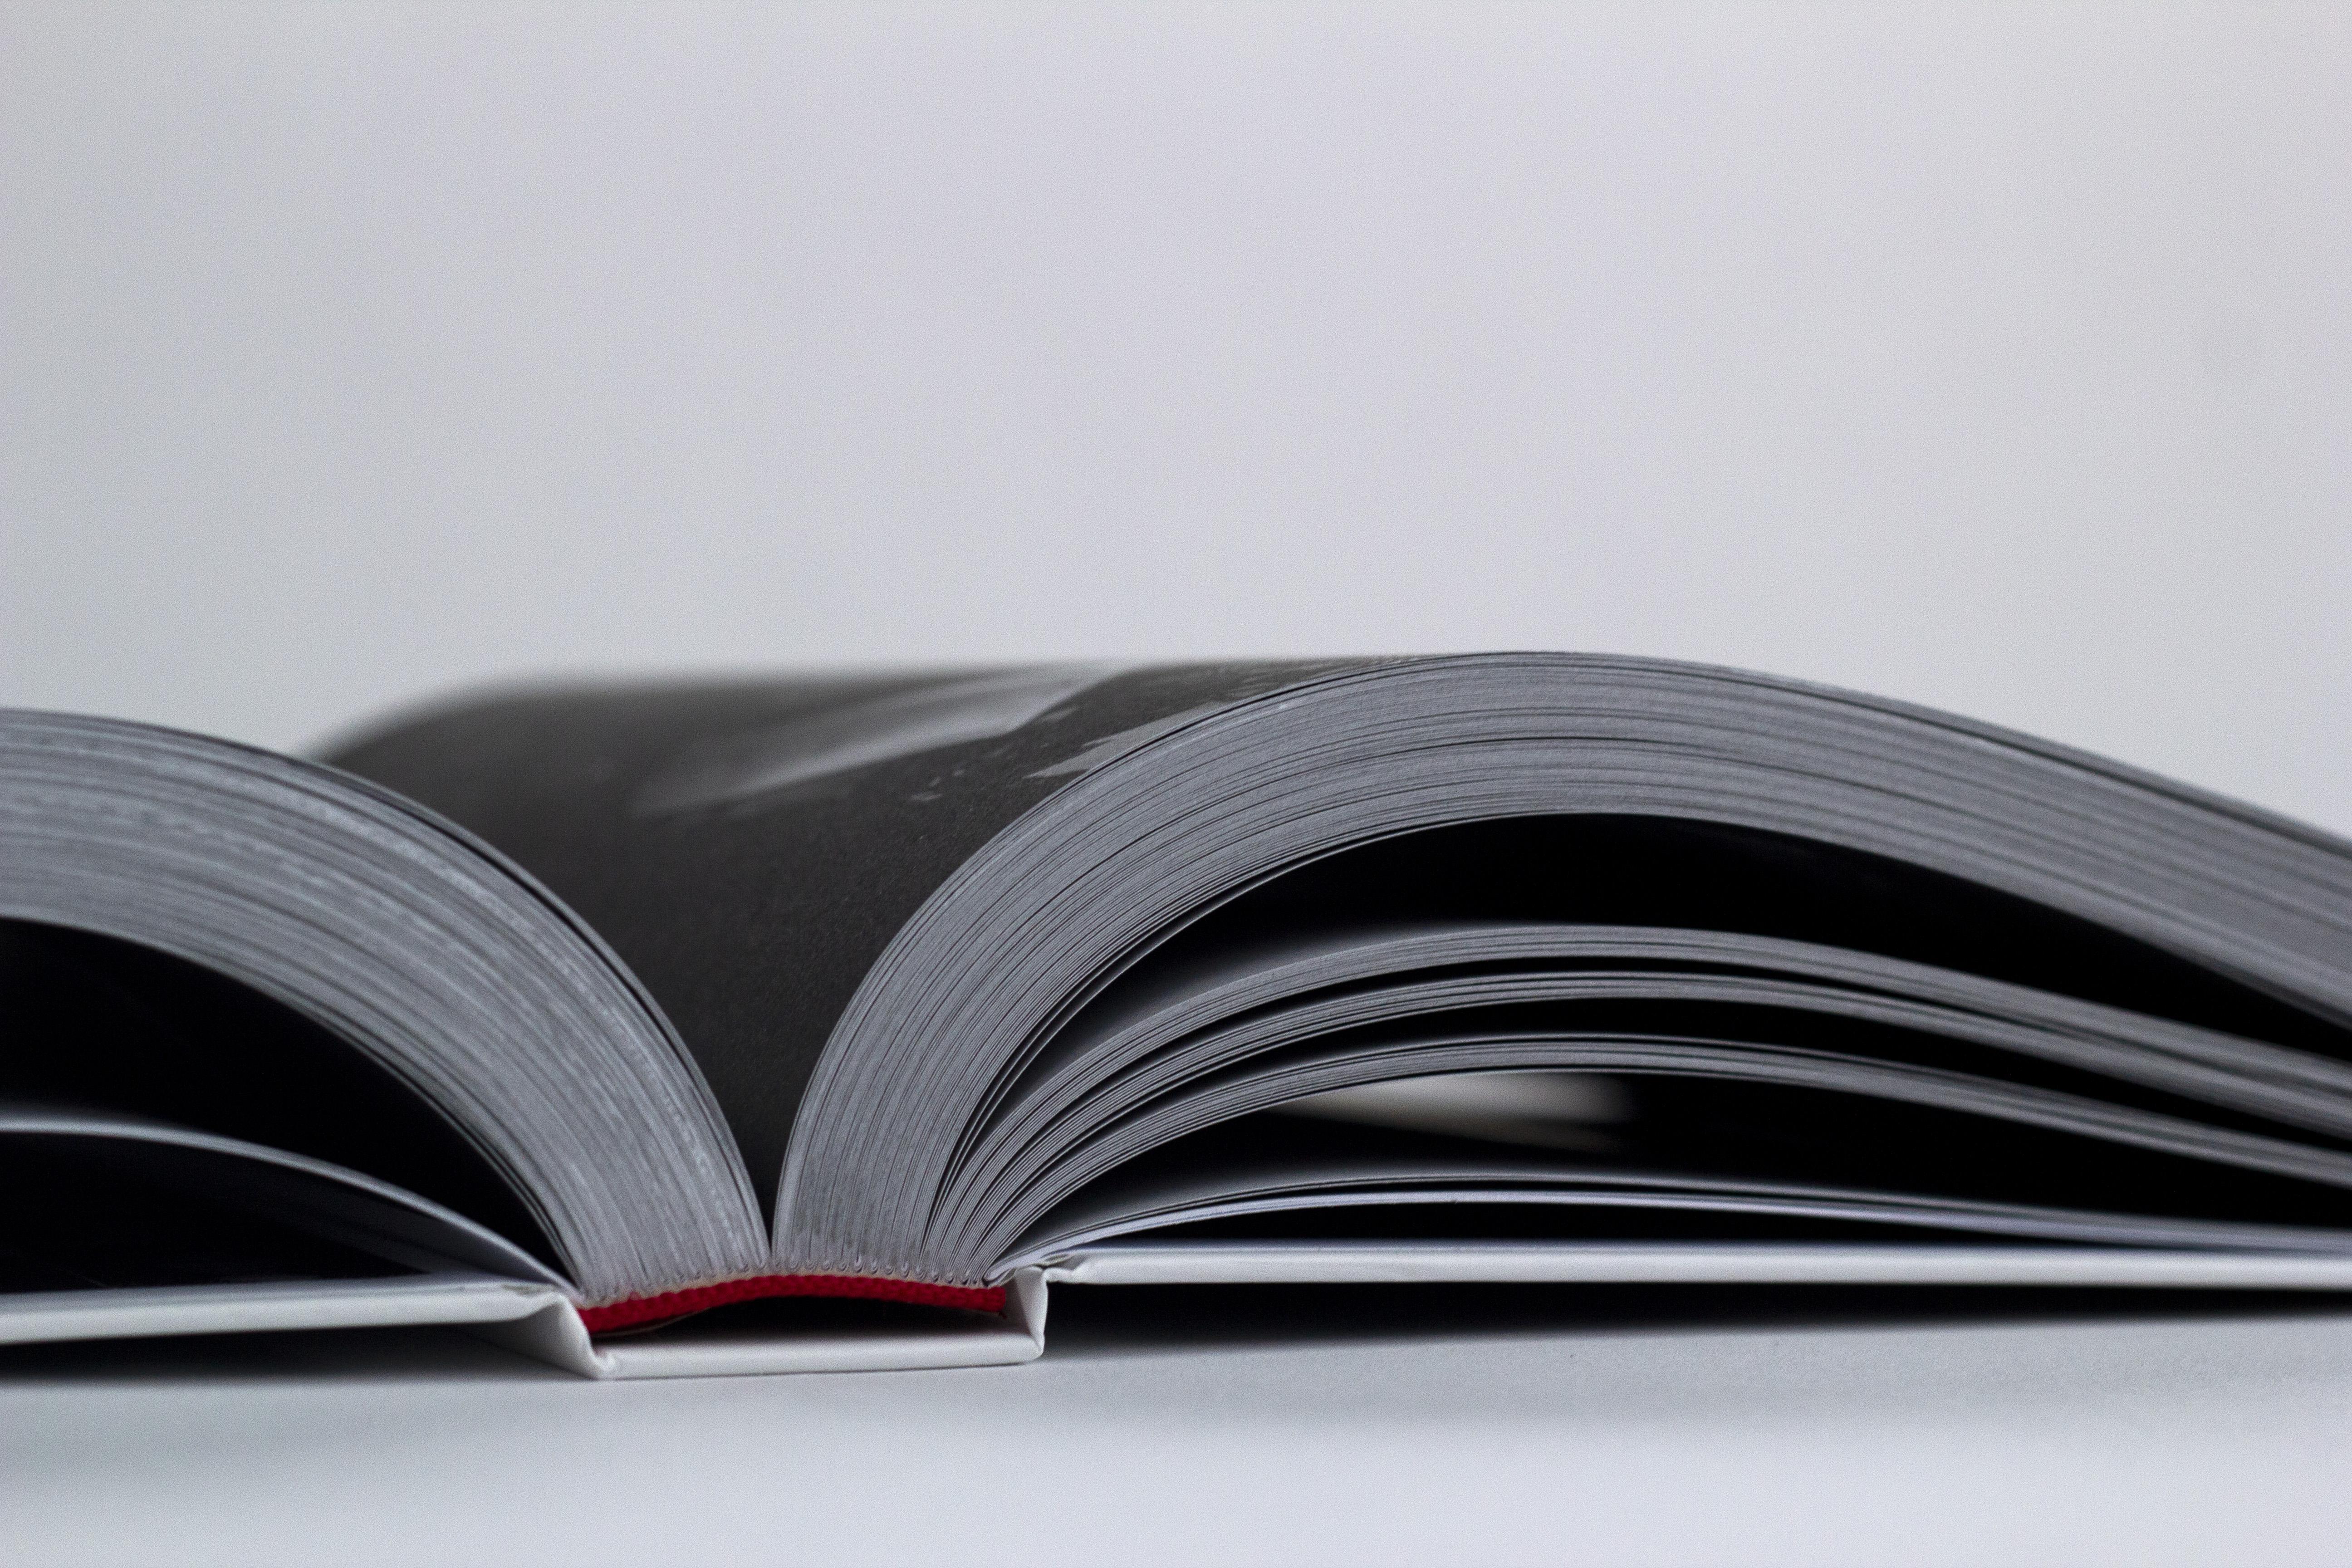 fra 0 til 100, bog, maria refsgaard, krims, grafisk design, freelance, selvstændig, aarhus